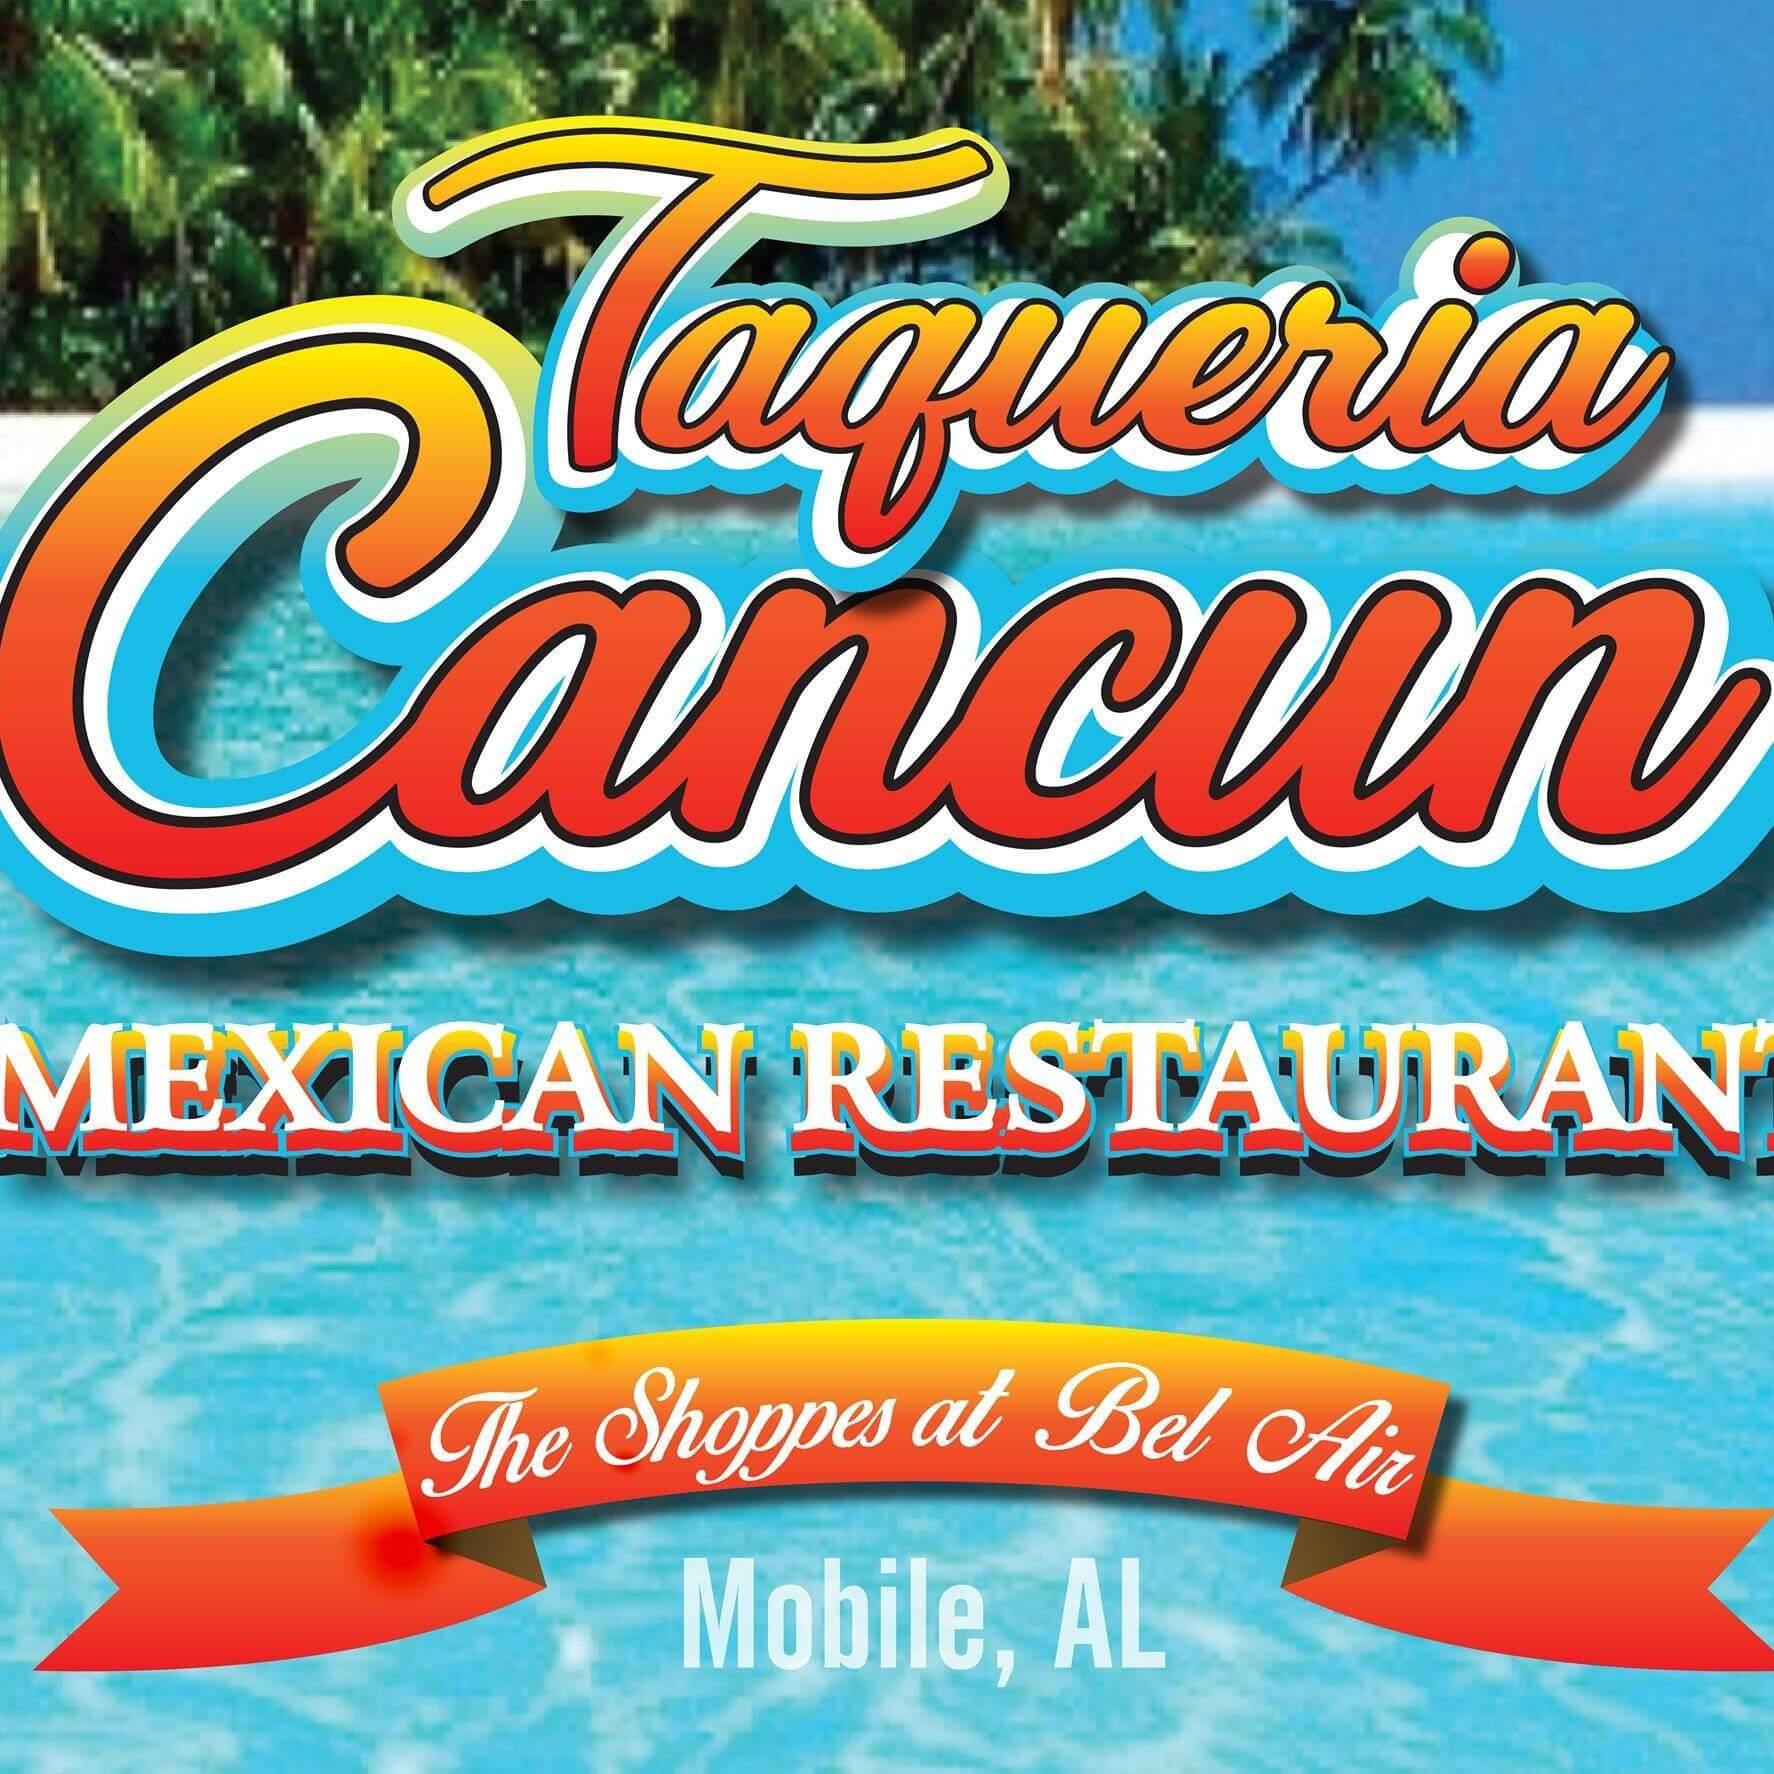 Taqueria Cancun Authentic Mexican